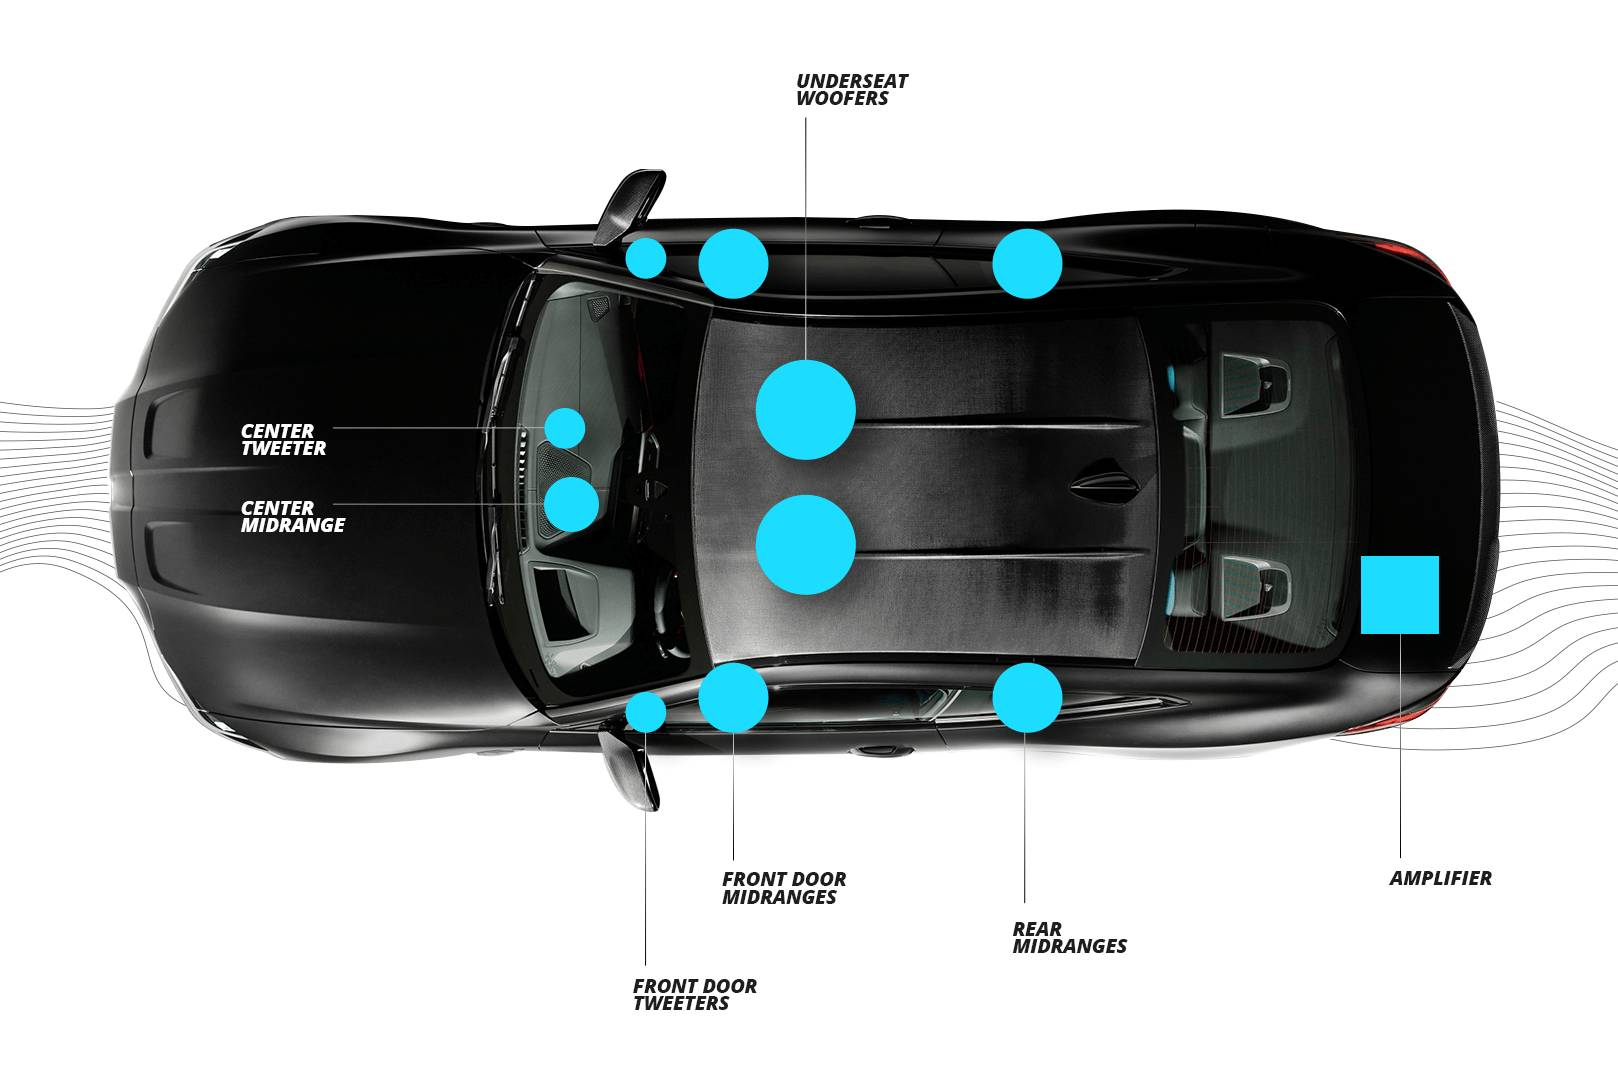 BMW HiFi sound system